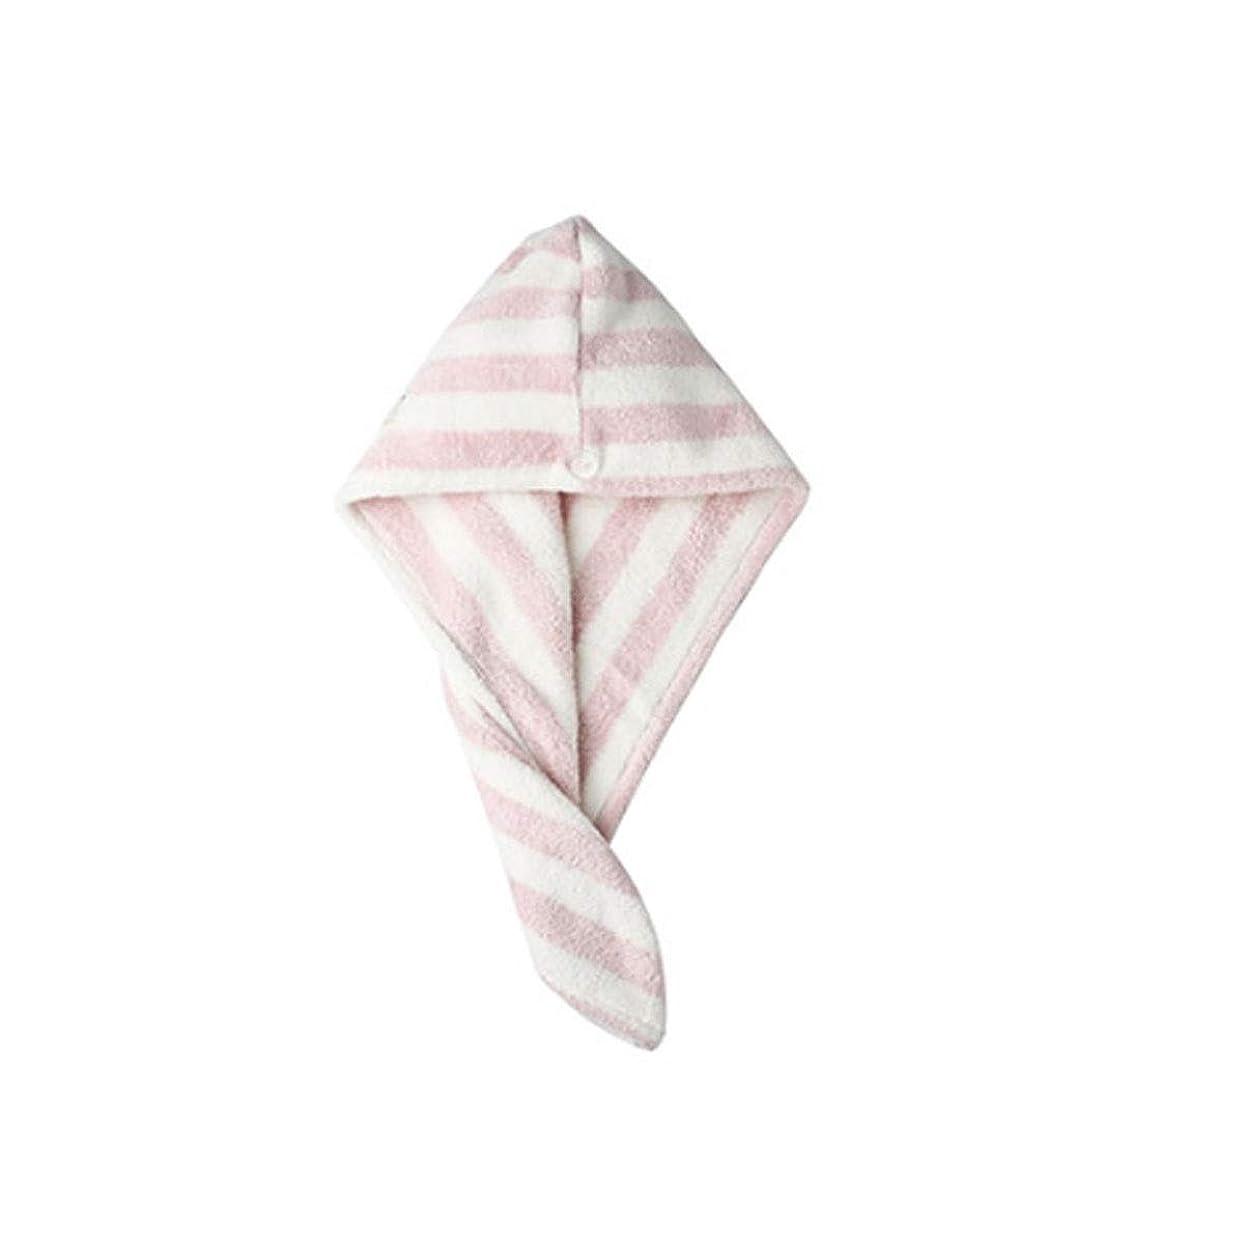 の量爆発する騙すXiaoNUO シャワーキャップ、ドライヘアキャップ、女性用吸収性ヘアドライヤー、タオル、ドライシャワーキャップ、女性用バッグヘアキャップ 髪を乾いた状態に保ちます。 (Color : Pink stripes)